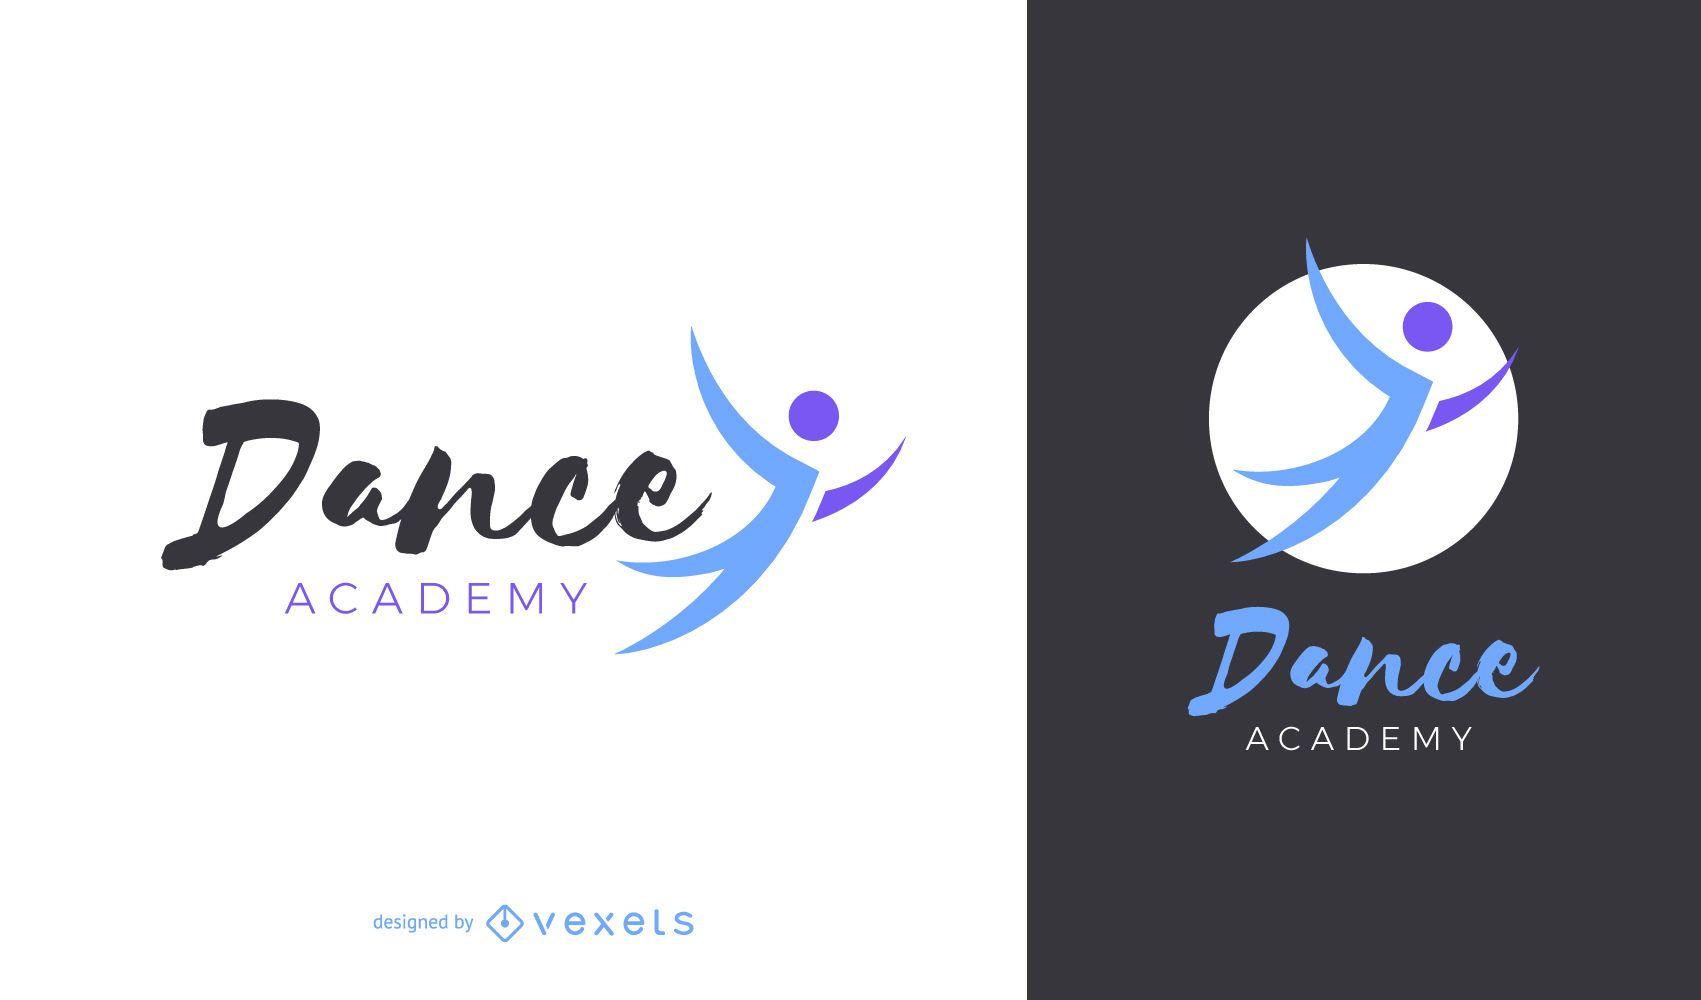 Diseño de logo de academia de baile